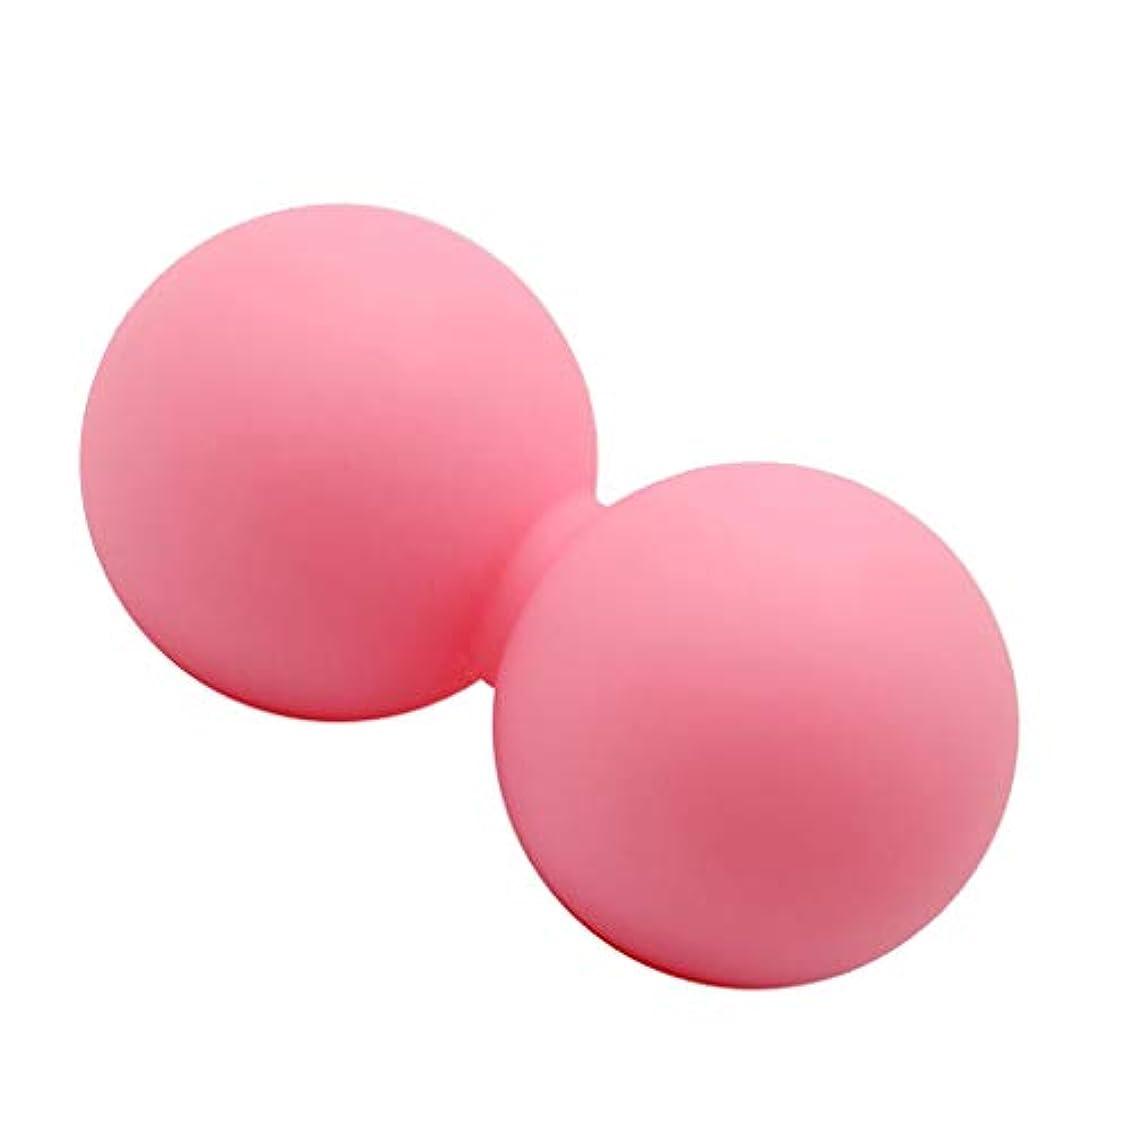 晩餐社会科勤勉なマッサージボール ピーナッツ シリコン 足 足首 腕 首 背中 ボディマッサージ ピンク